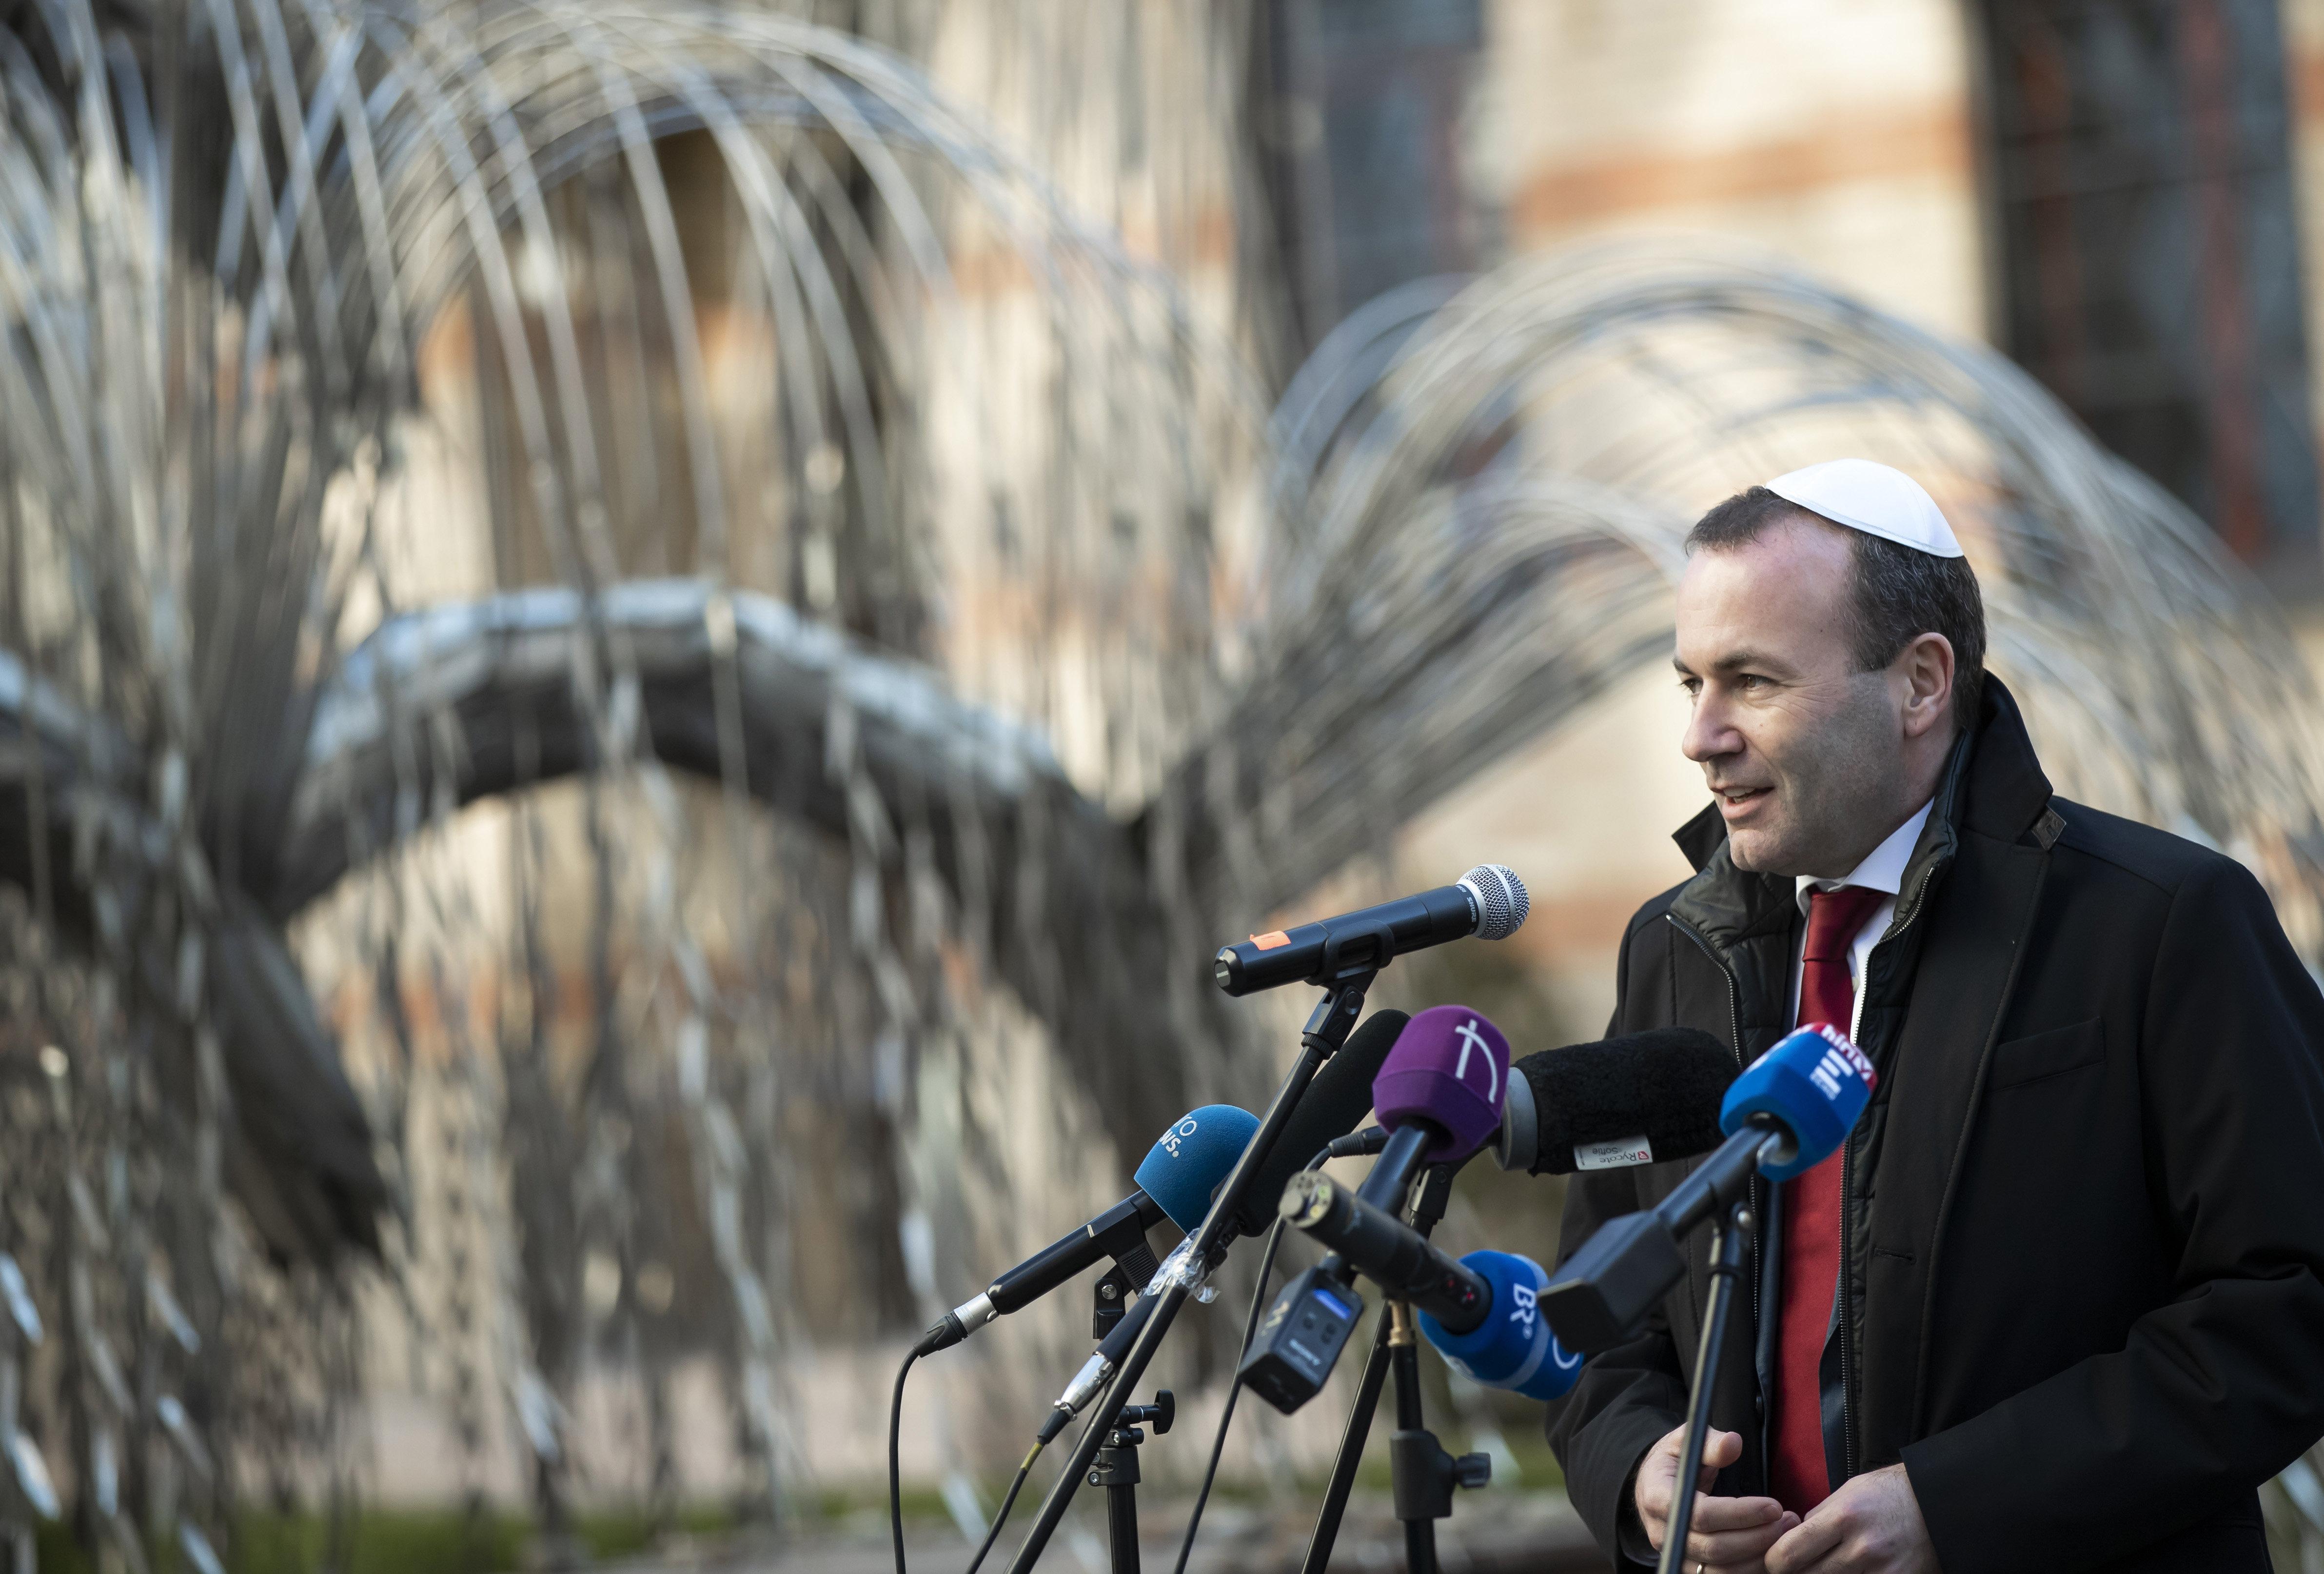 Manfred Weber útját a hatalomhoz Orbán Viktor kövezi ki?